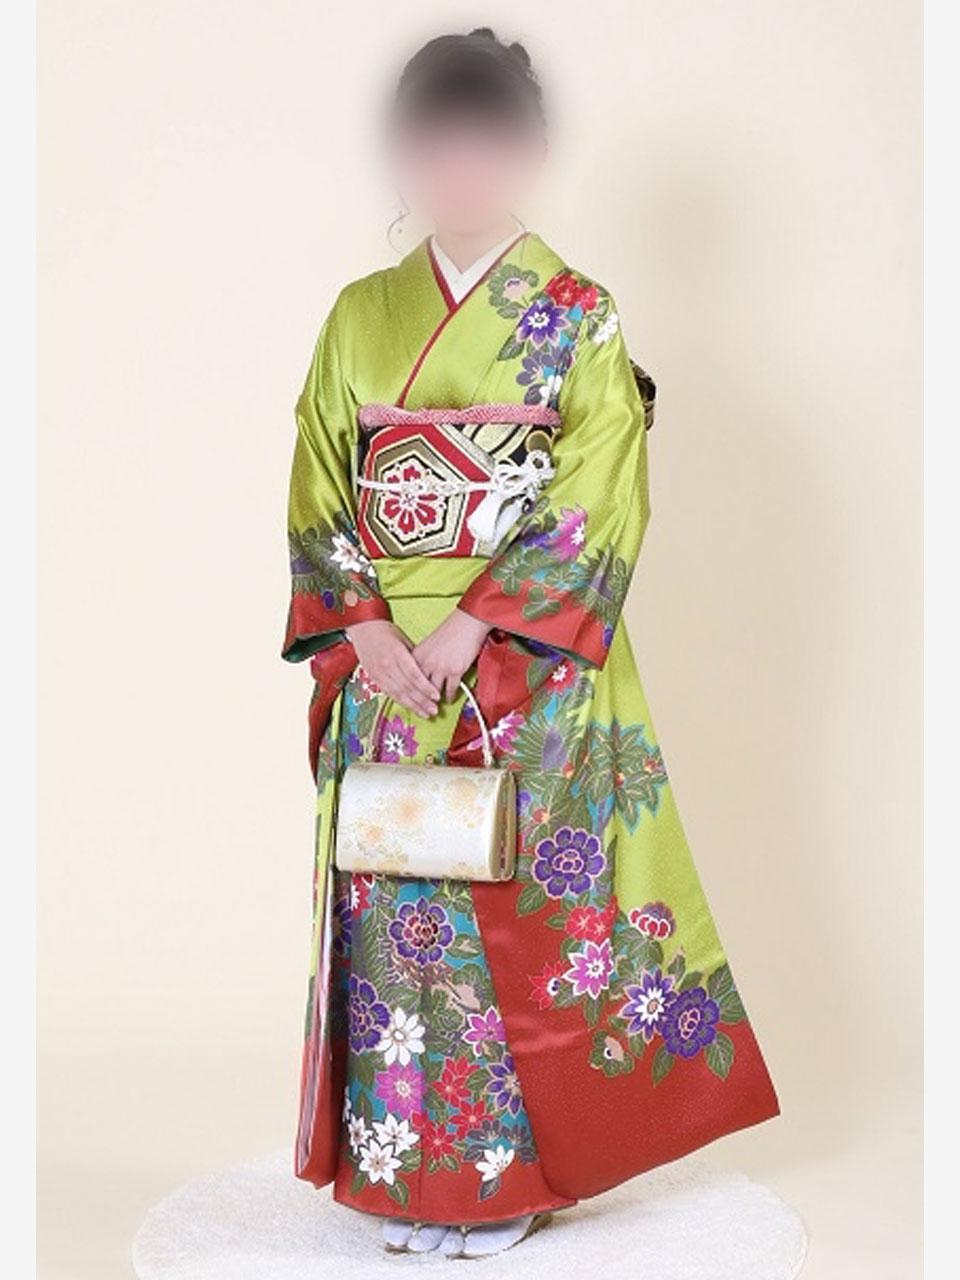 振袖(古典抹茶に花)